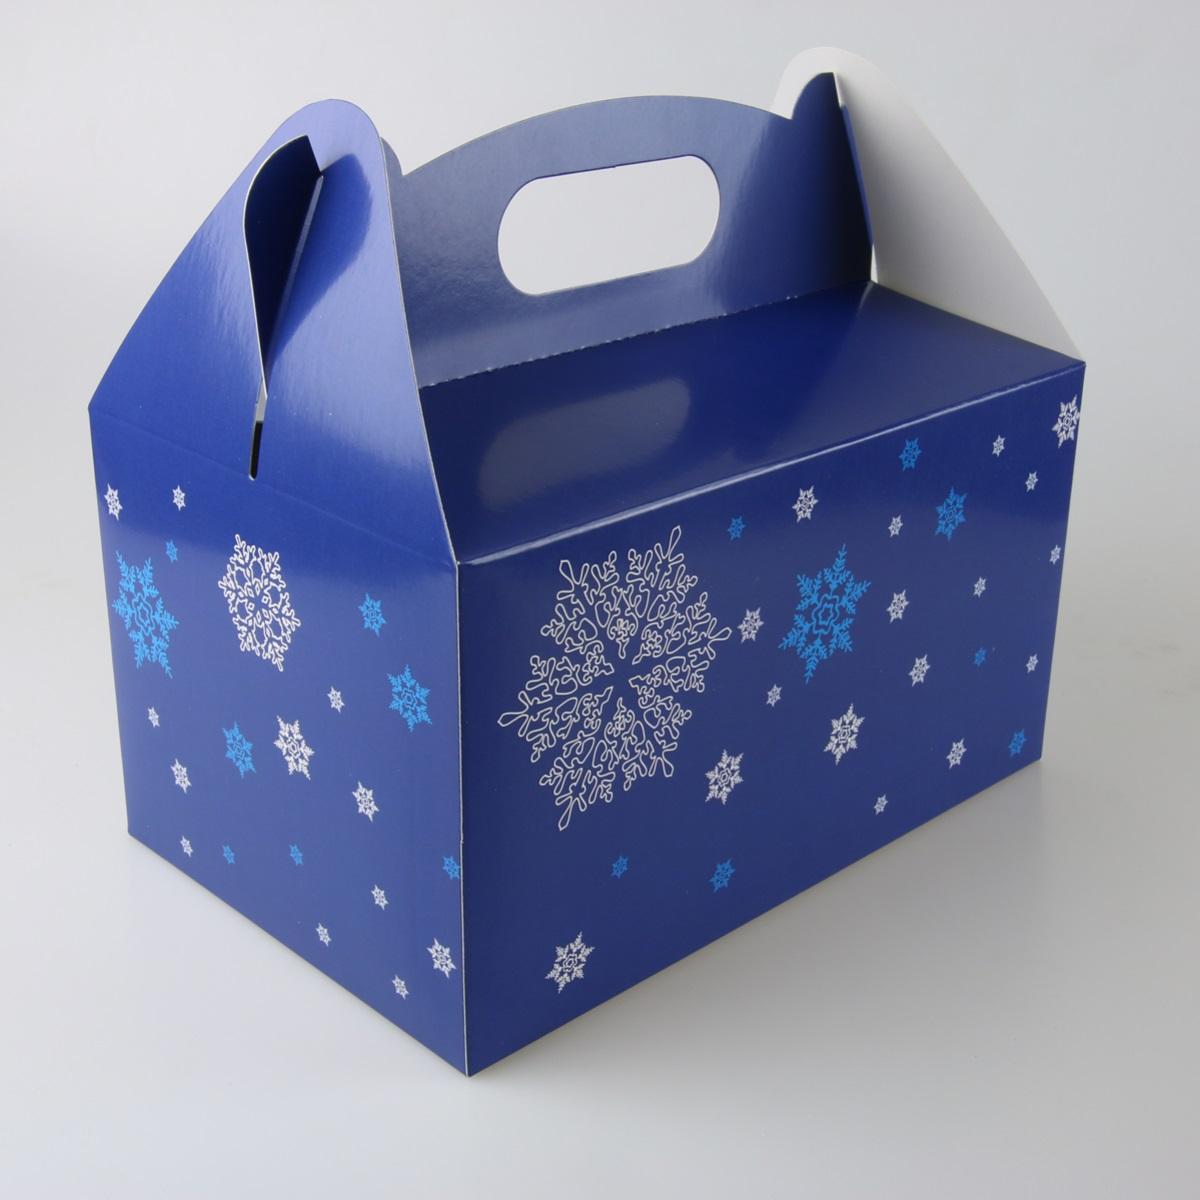 VÁNOČNÍ krabička modrá se sněhovými vločkami 8ks